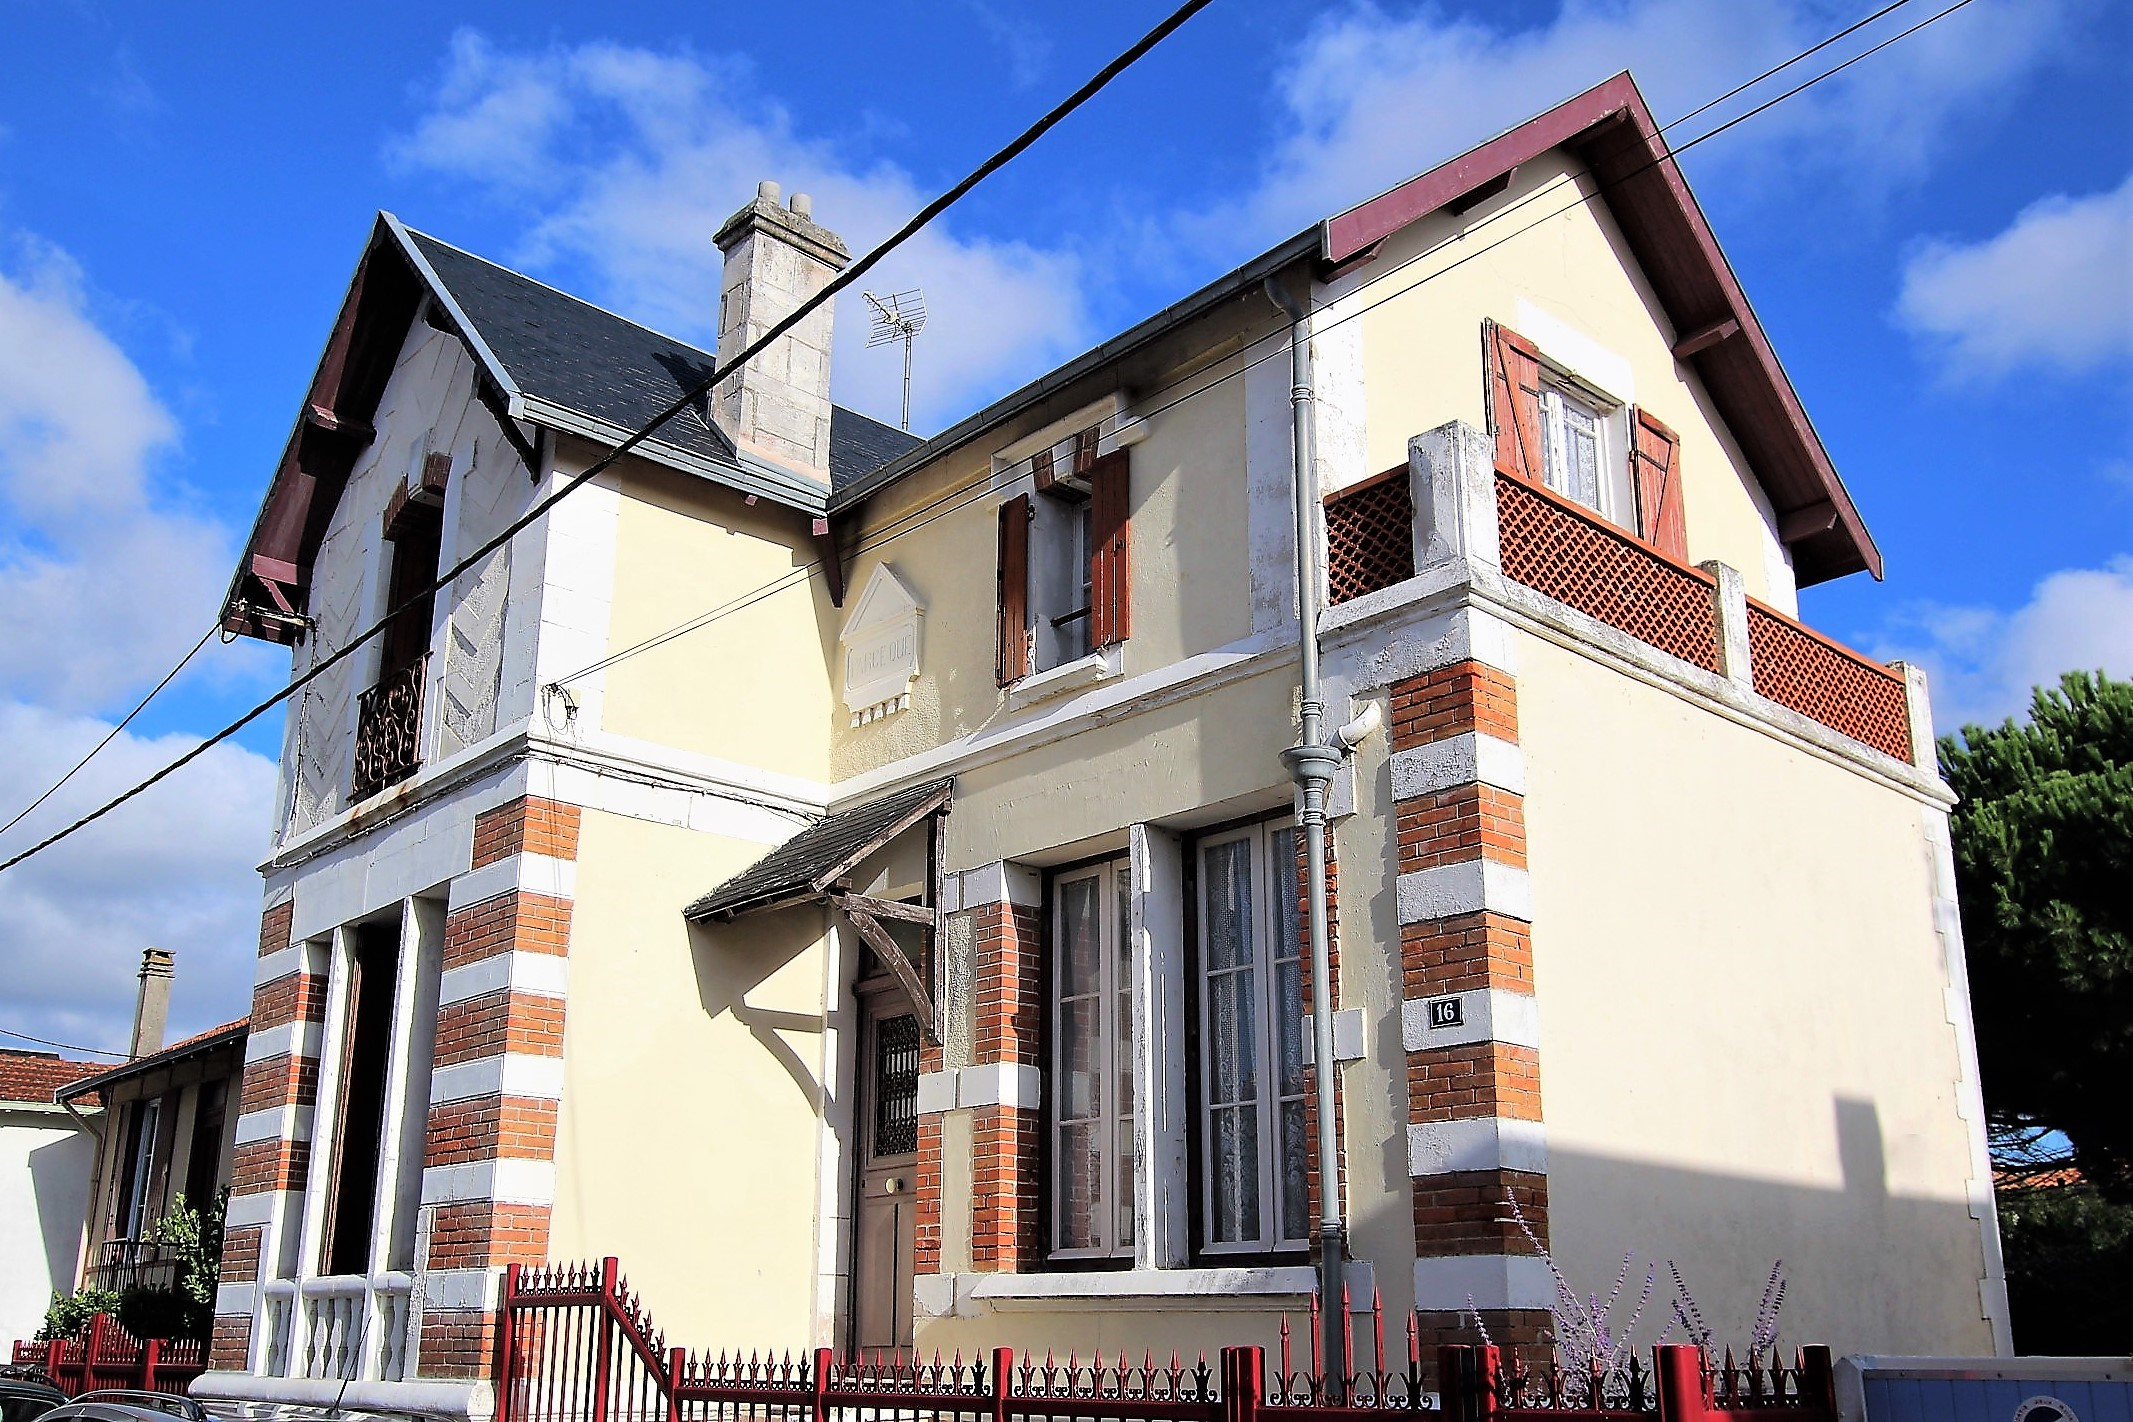 Achat Maison : Maison typique Chatelaillon plage (8